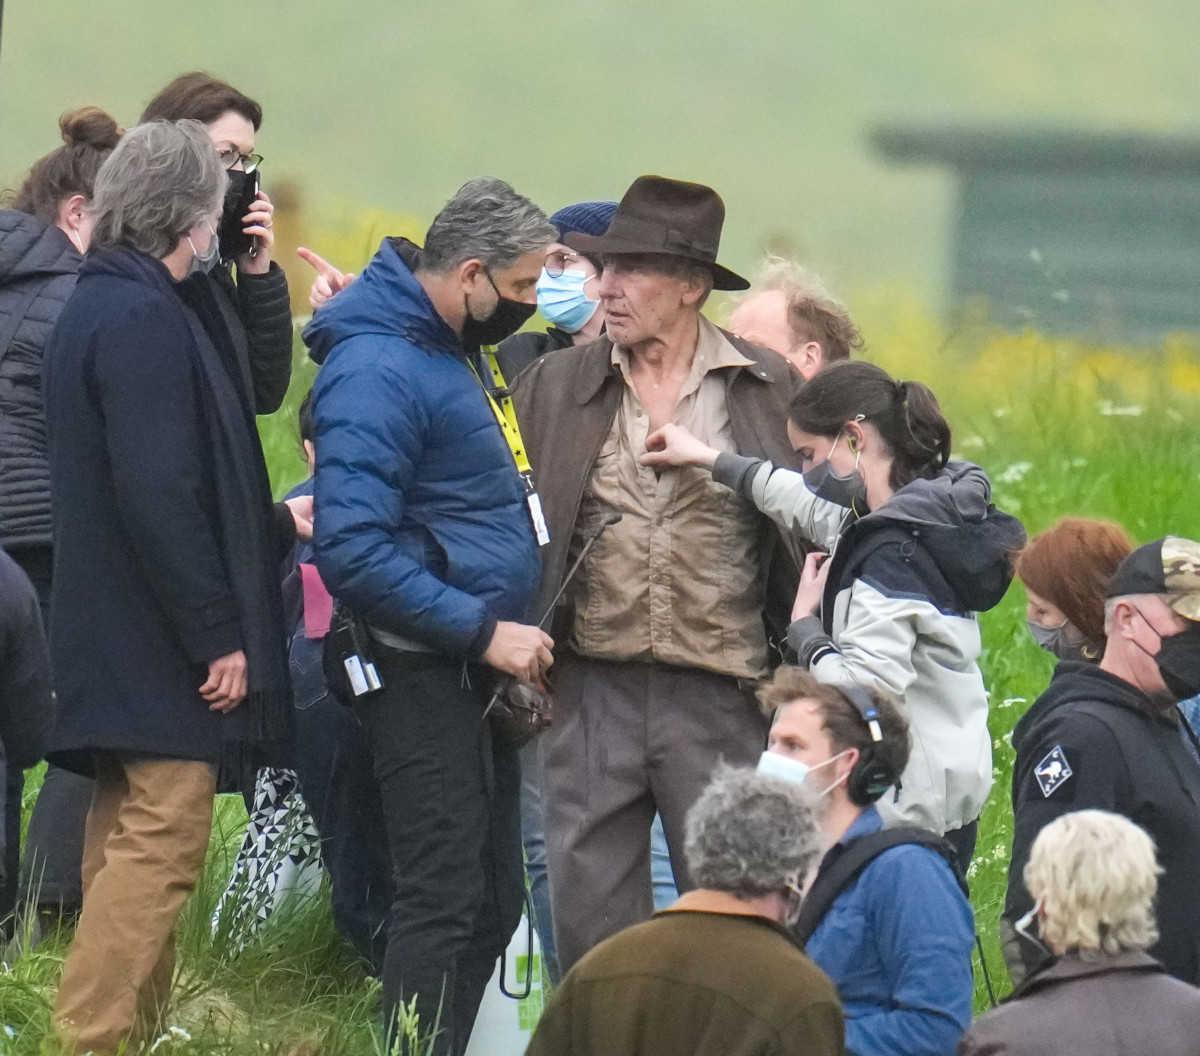 ハリソン・フォードが撮影を開始! 『インディ・ジョーンズ5』の最新ロケ写真を入手!